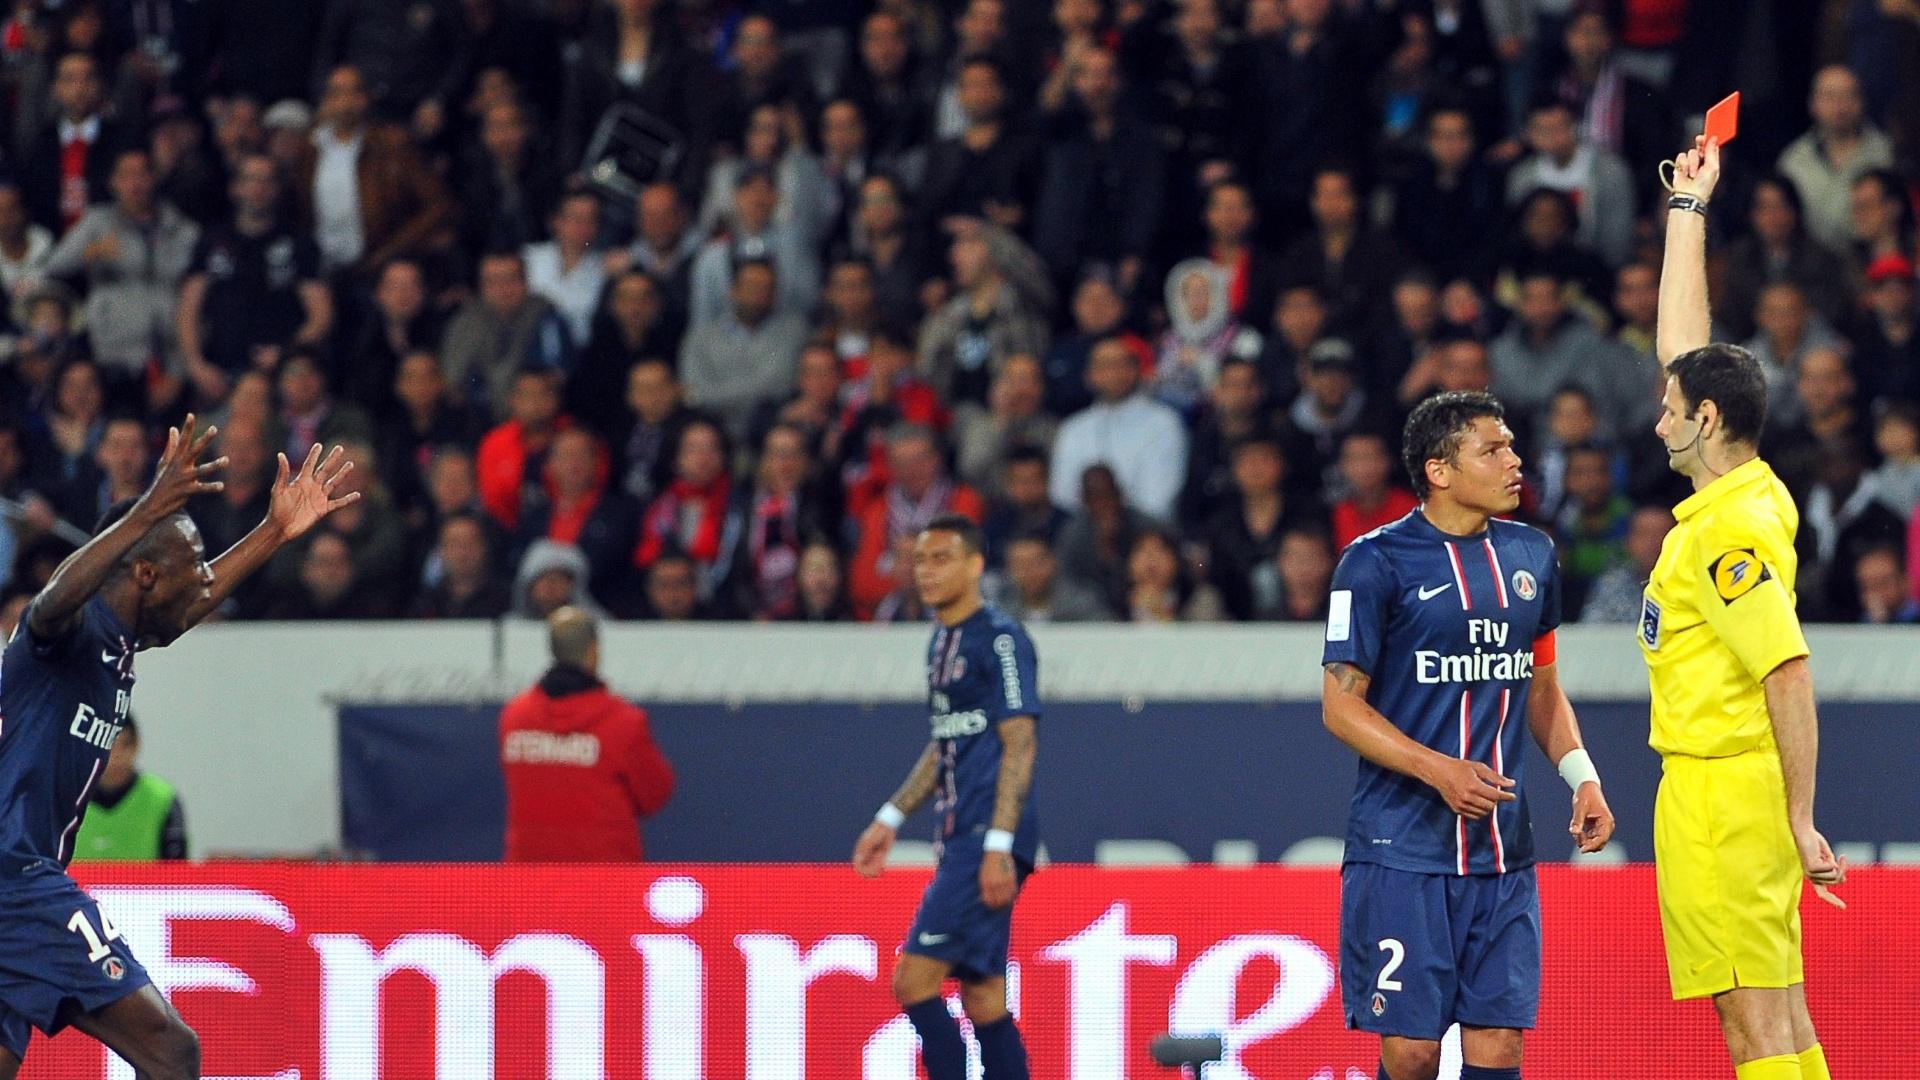 05maio2013 - Thiago Silva foi expulso reclamação ao árbitro no empate do PSG